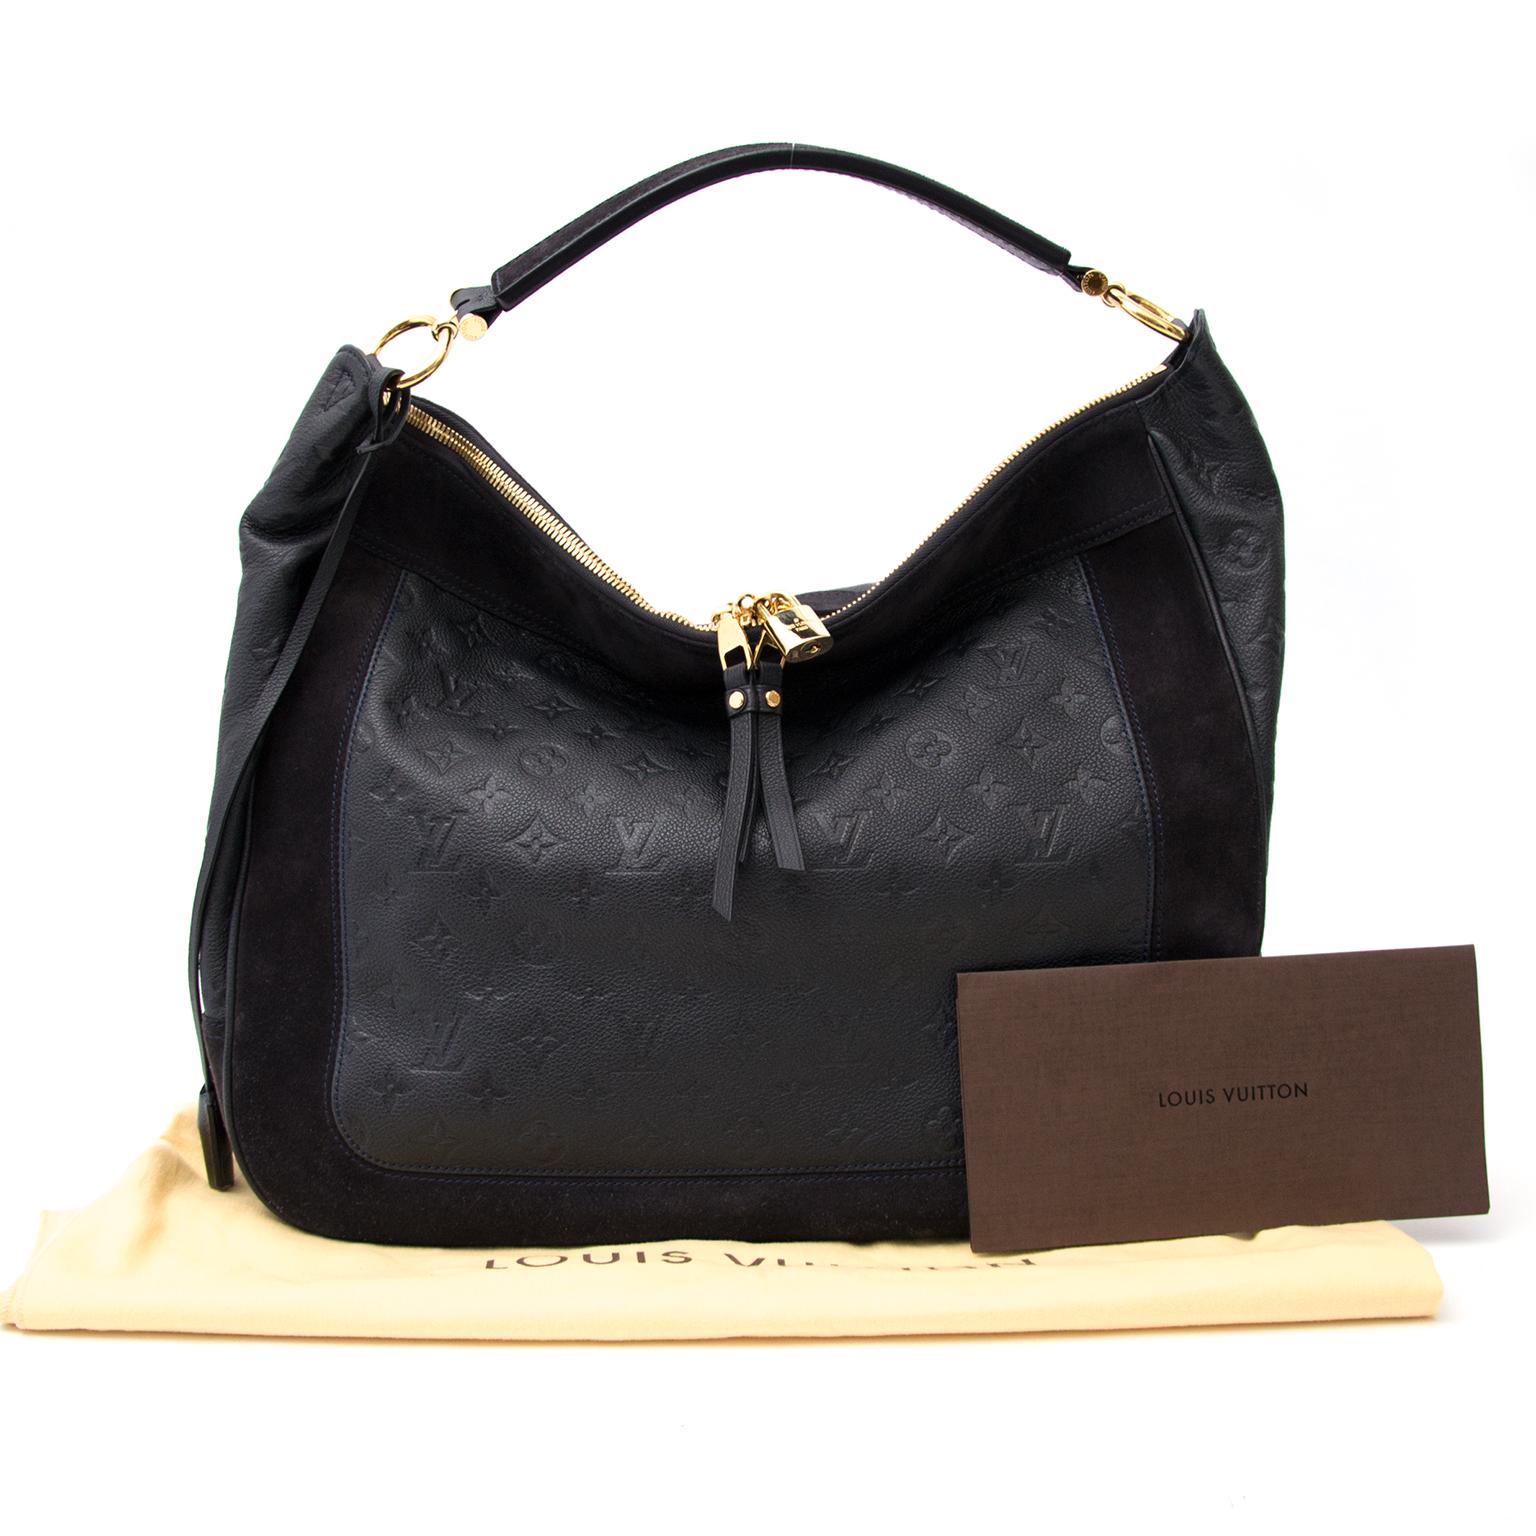 7769c6238f ... Koop nu veilig een echte Louis Vuitton Audacieuse tas aan de beste  prijs.